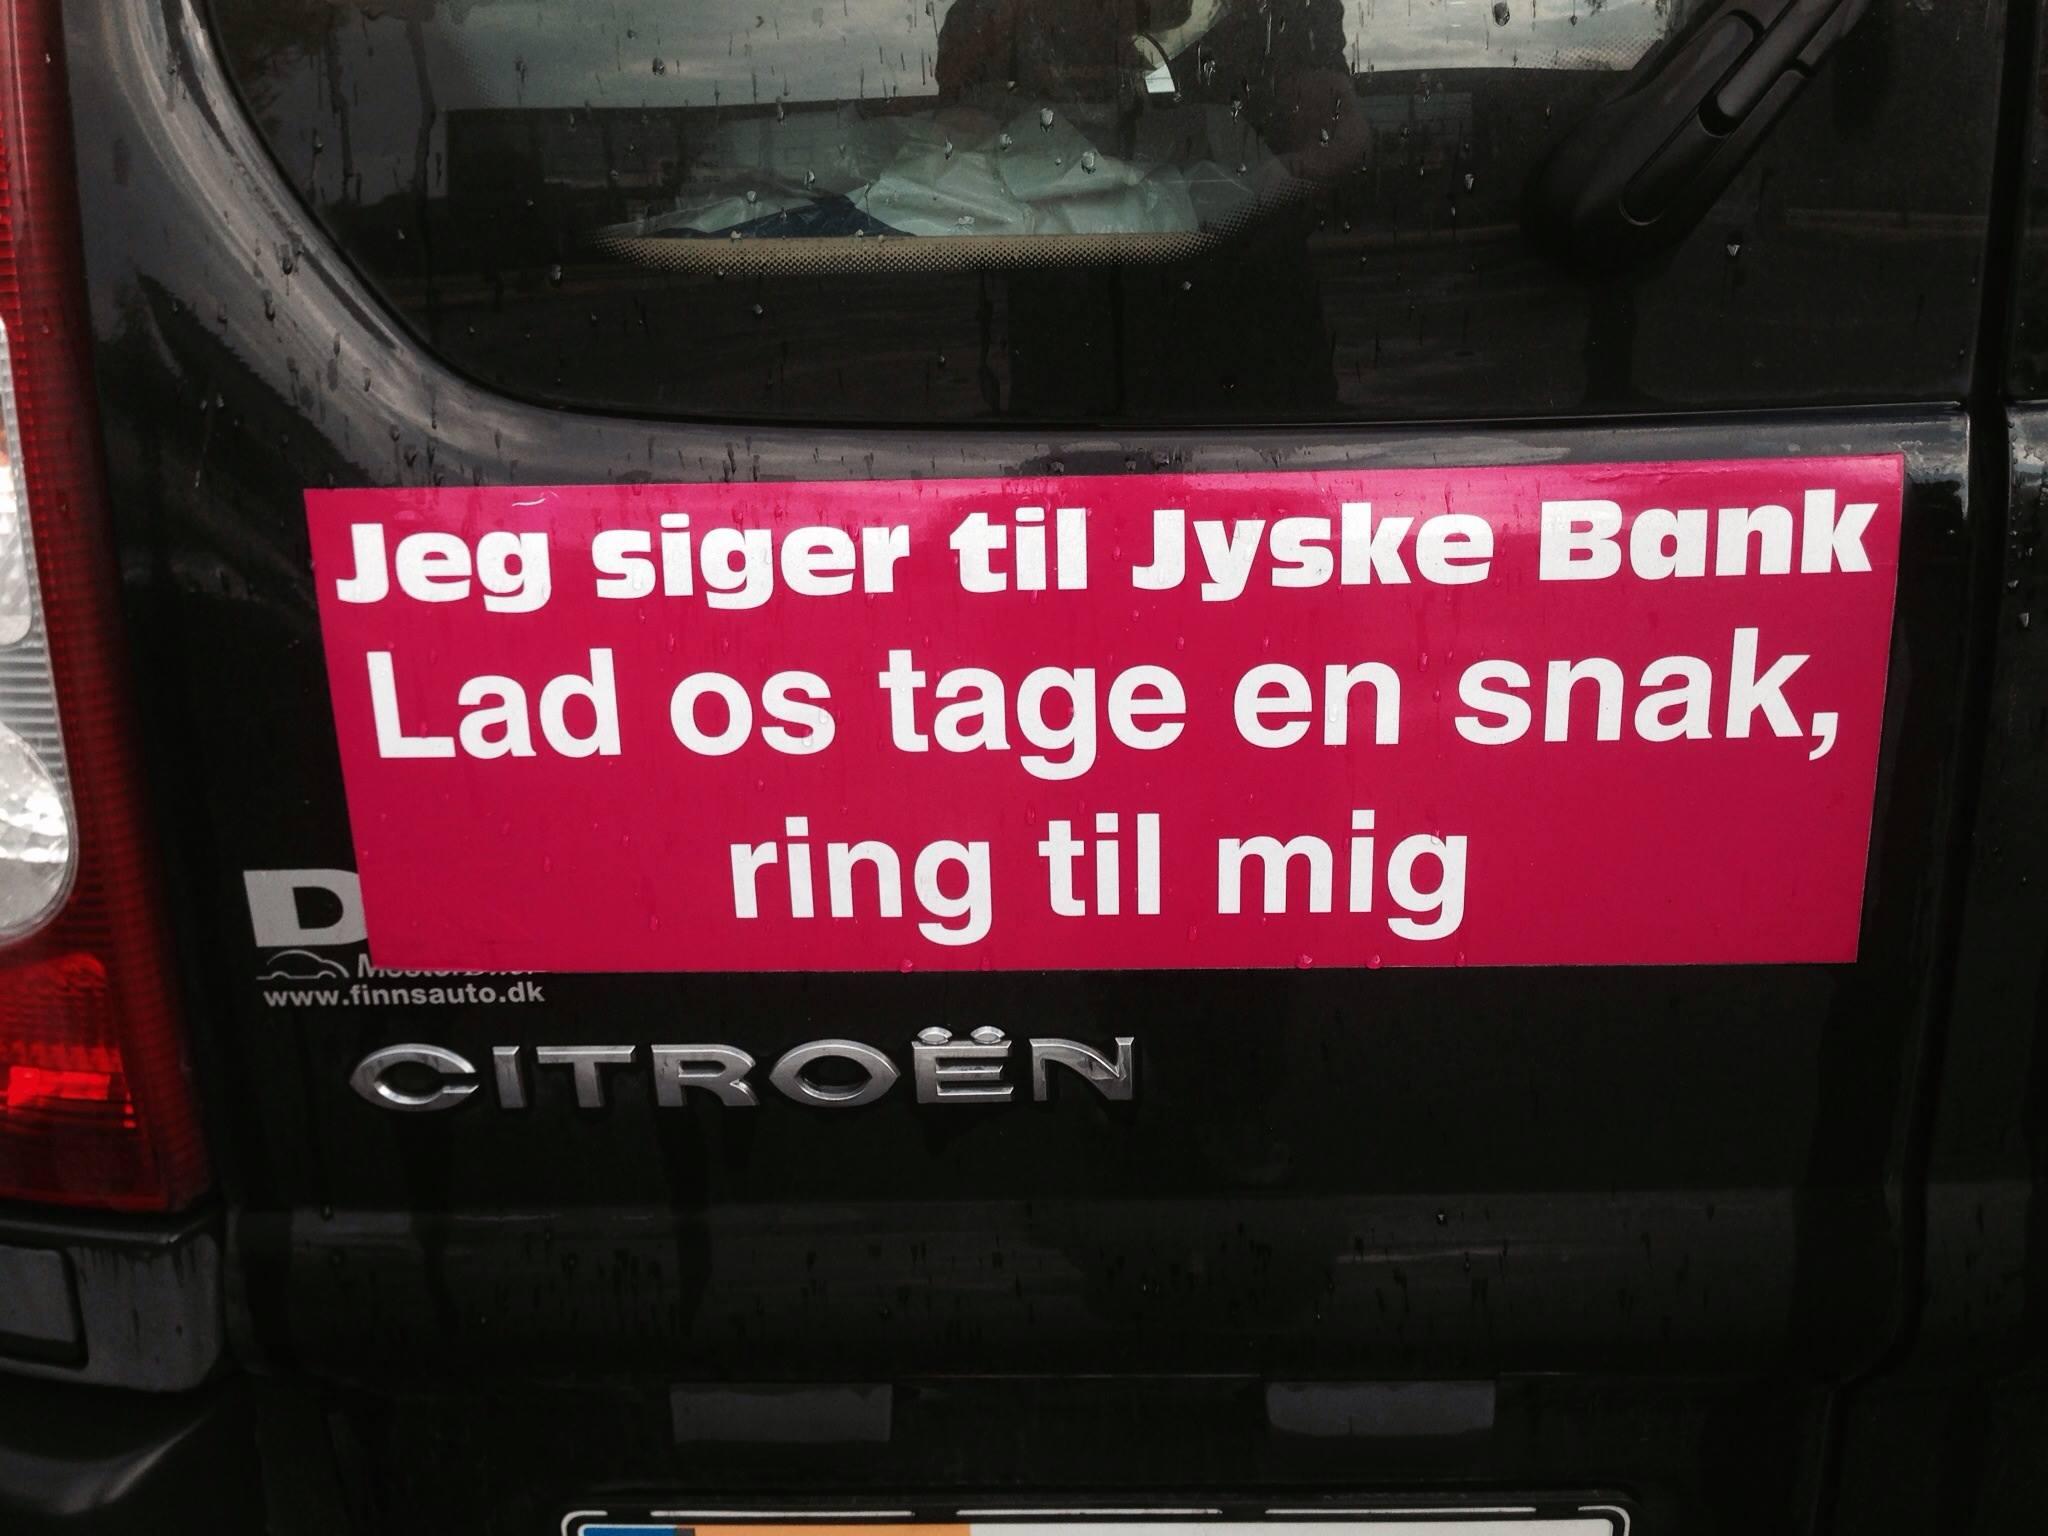 Kære Jyske bank, PRØV AT TALE MED OS. Codan GF Forsikring BRF kredit Totalkredit Nykredit Boxen ...